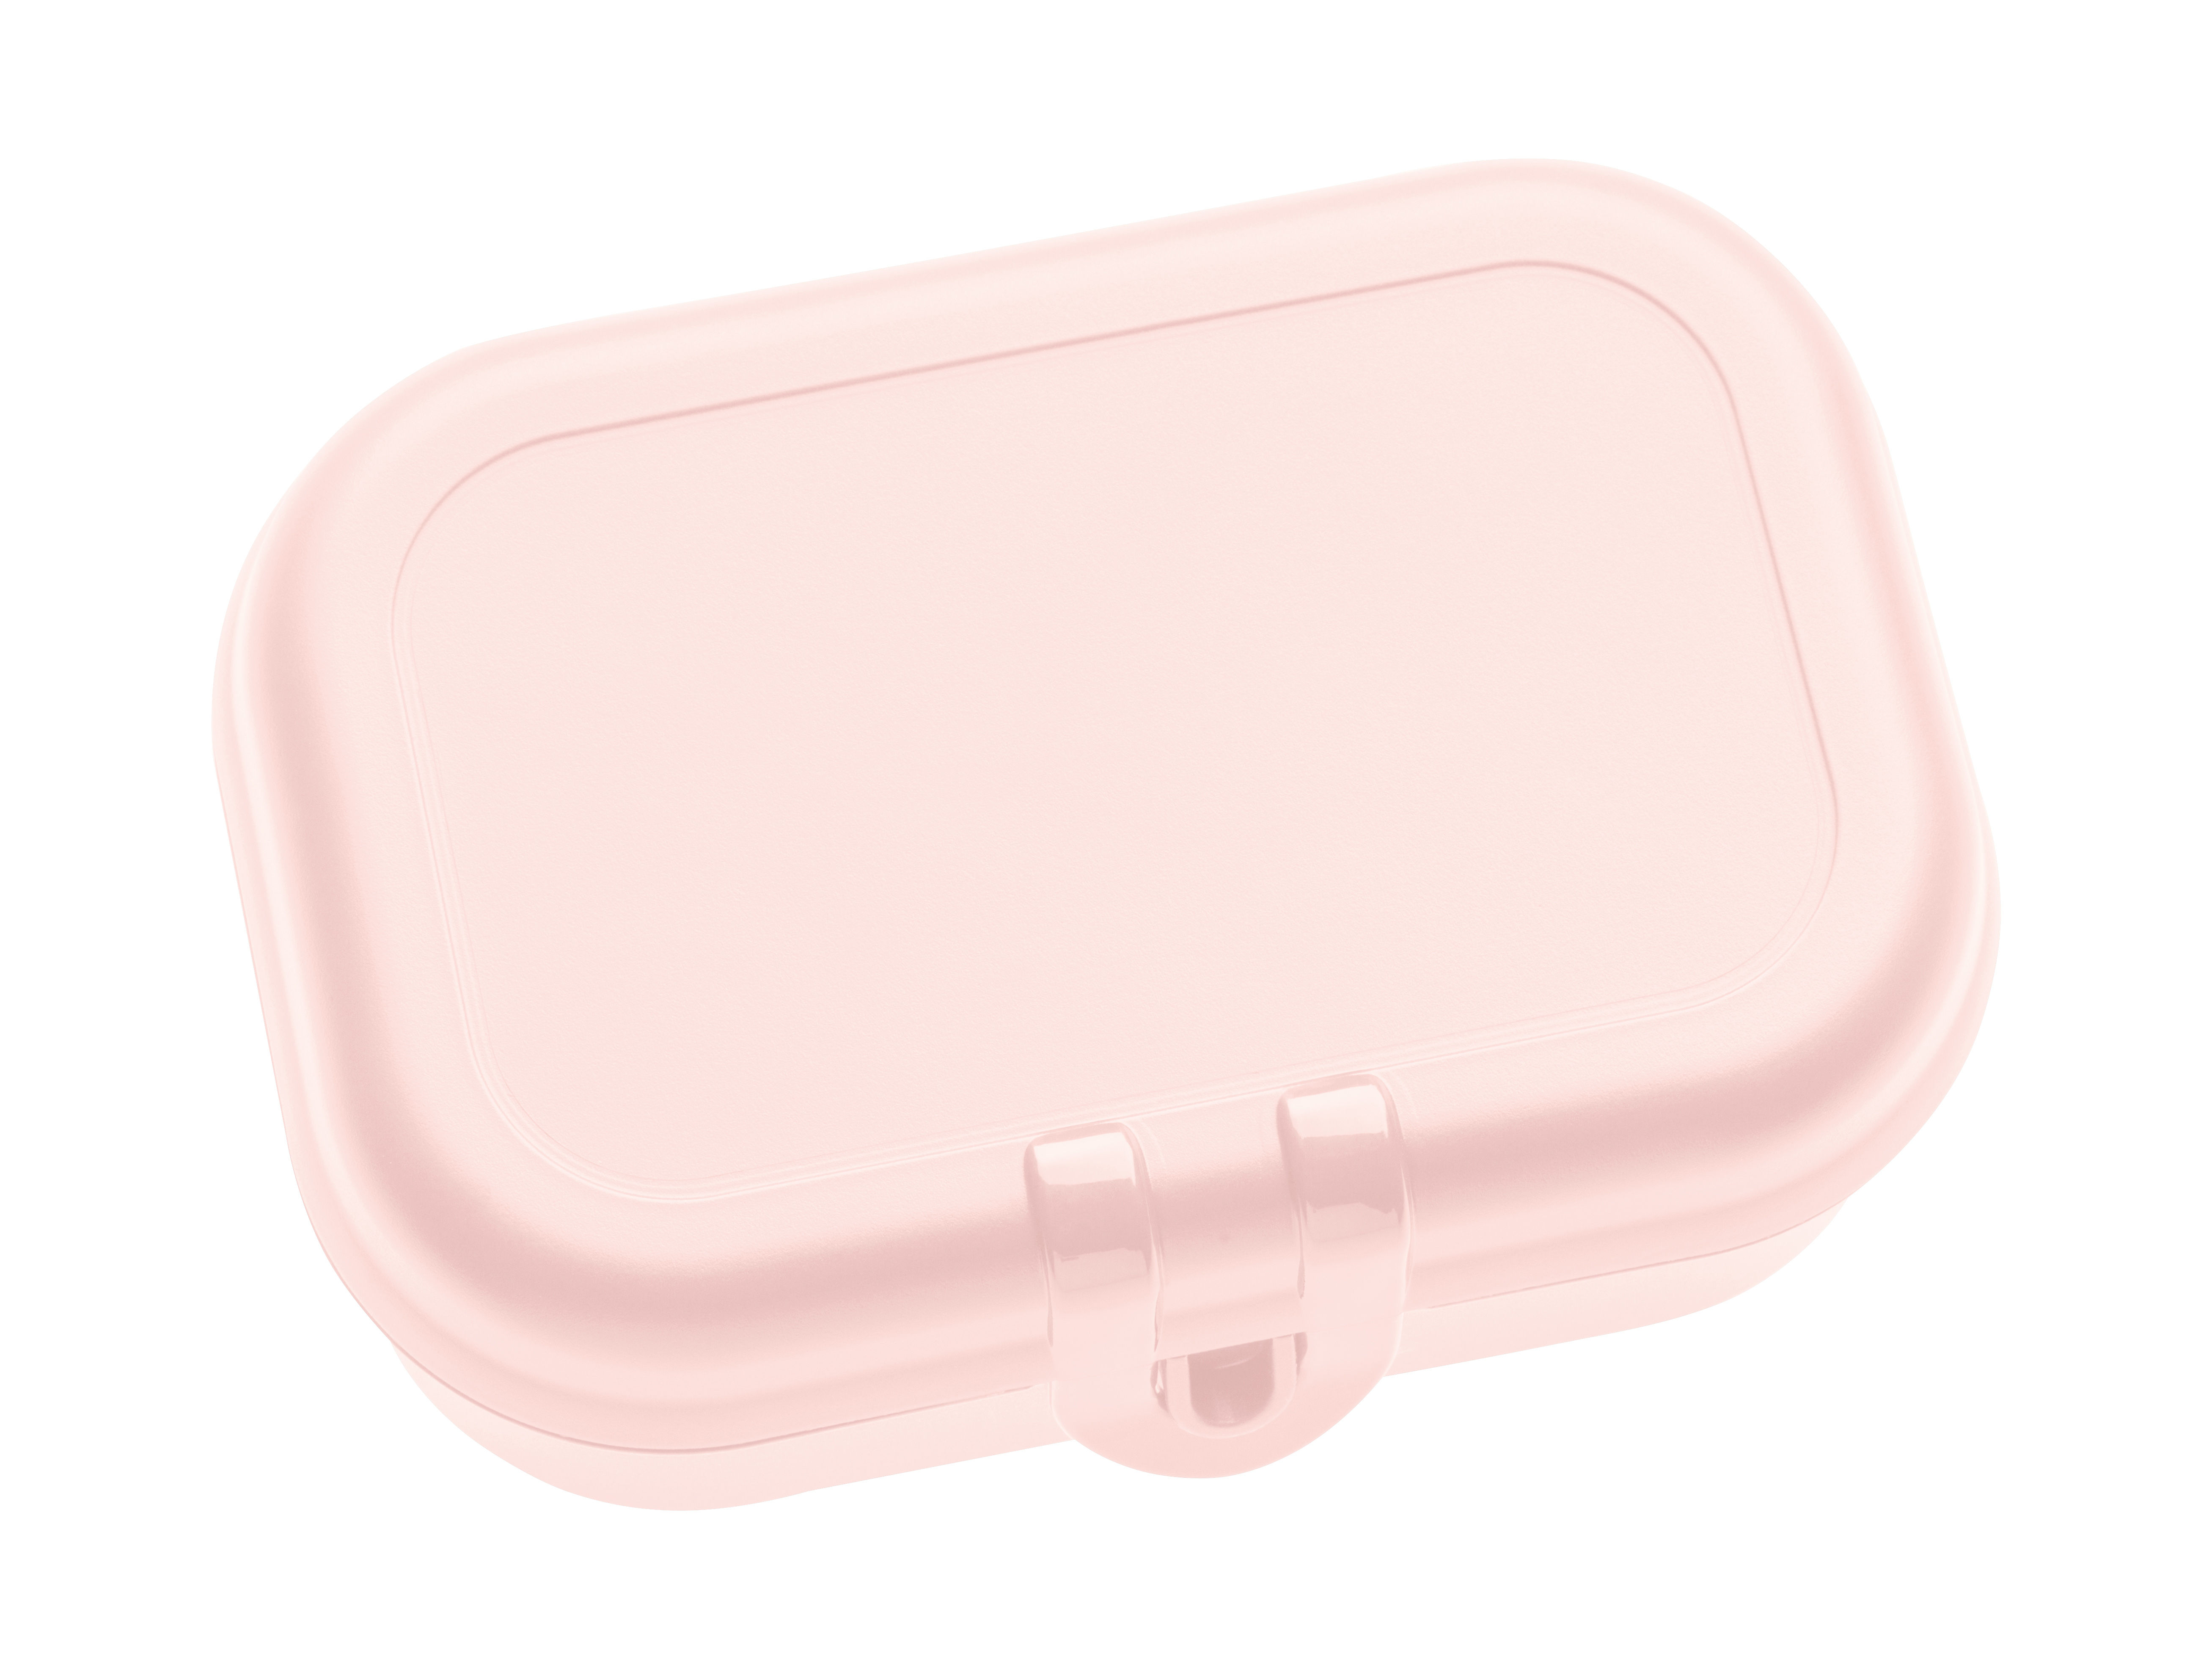 Déco - Pour les enfants - Lunch box Pascal Small - Koziol - Rose Queen - Plastique